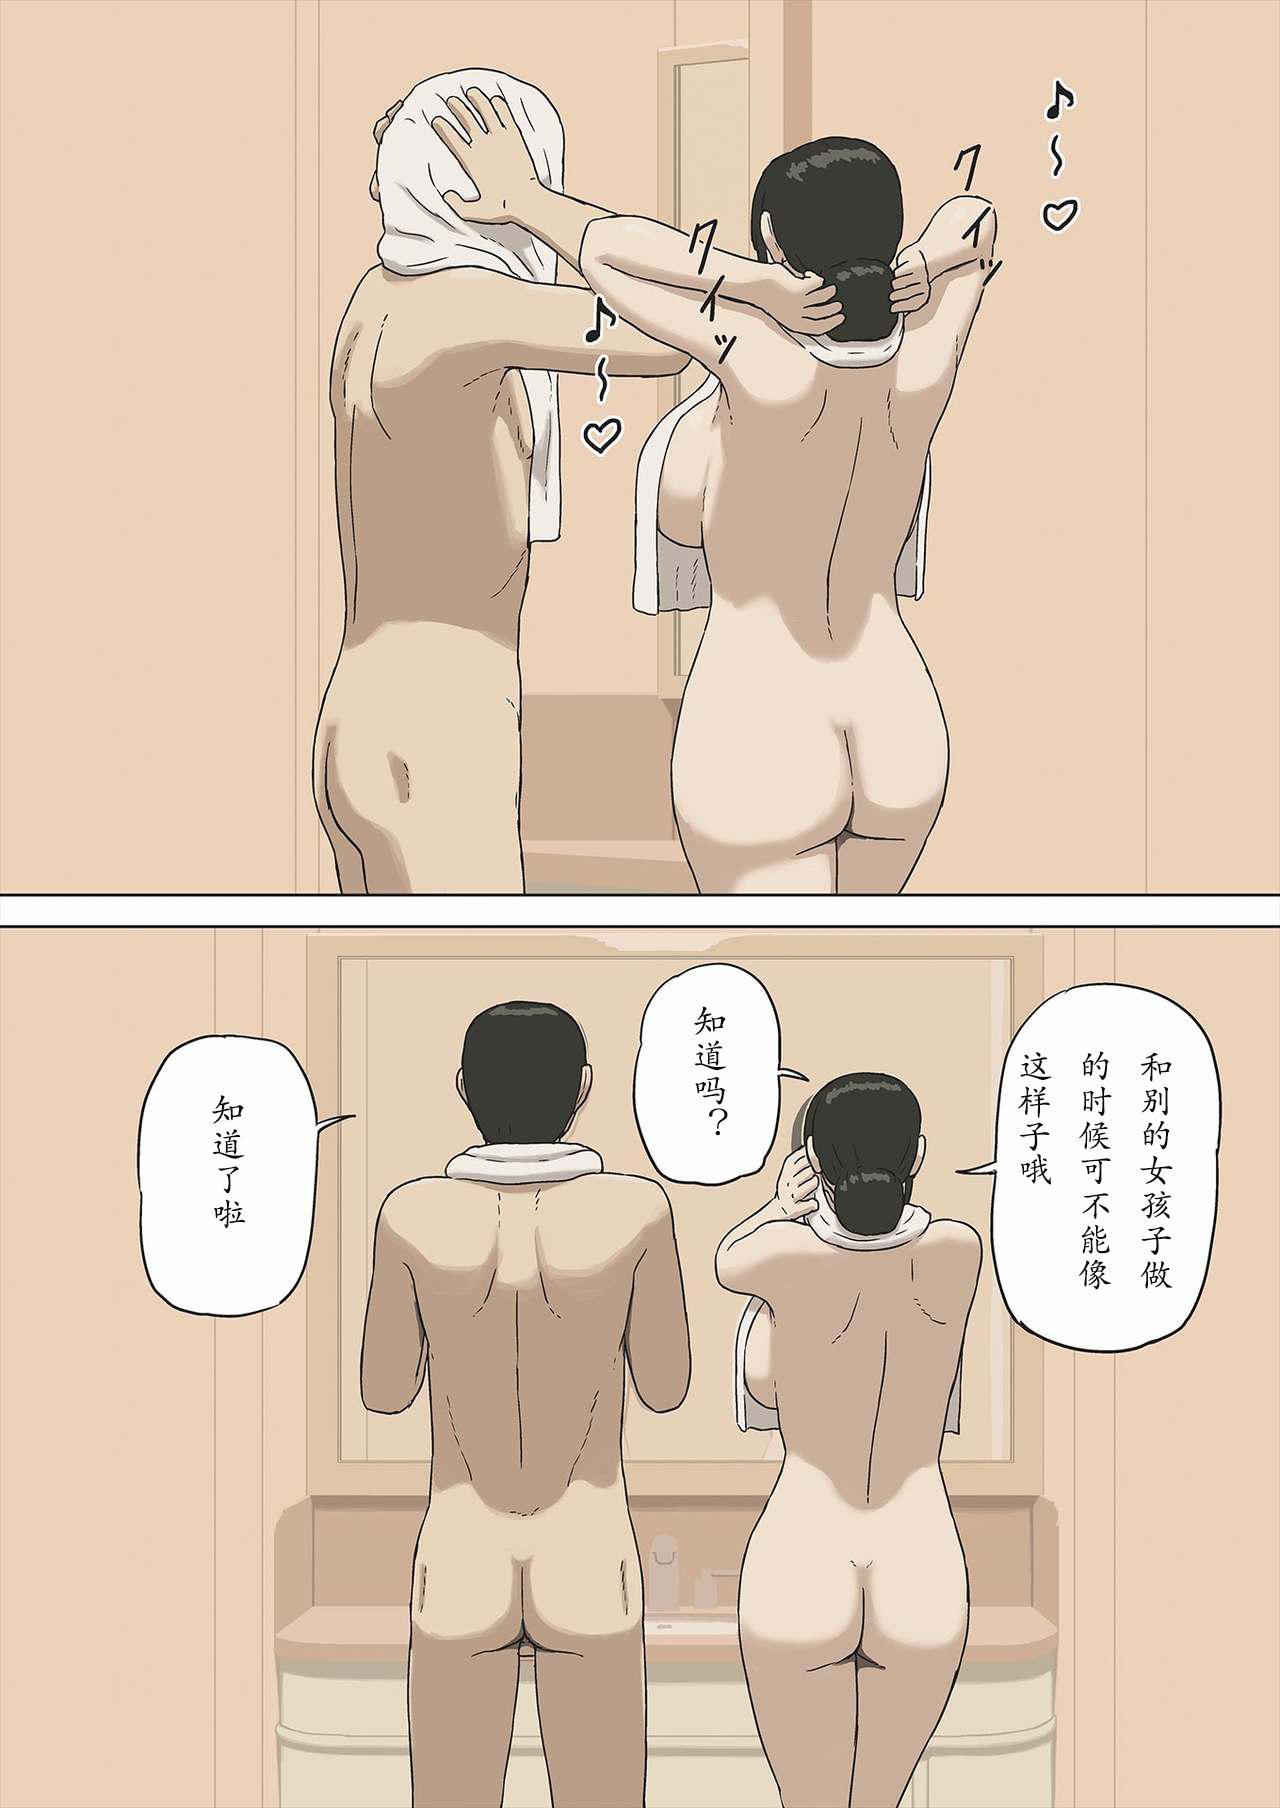 Share 2 Kaa-san tte Muriyari Saretari Suru no Suki na no 23